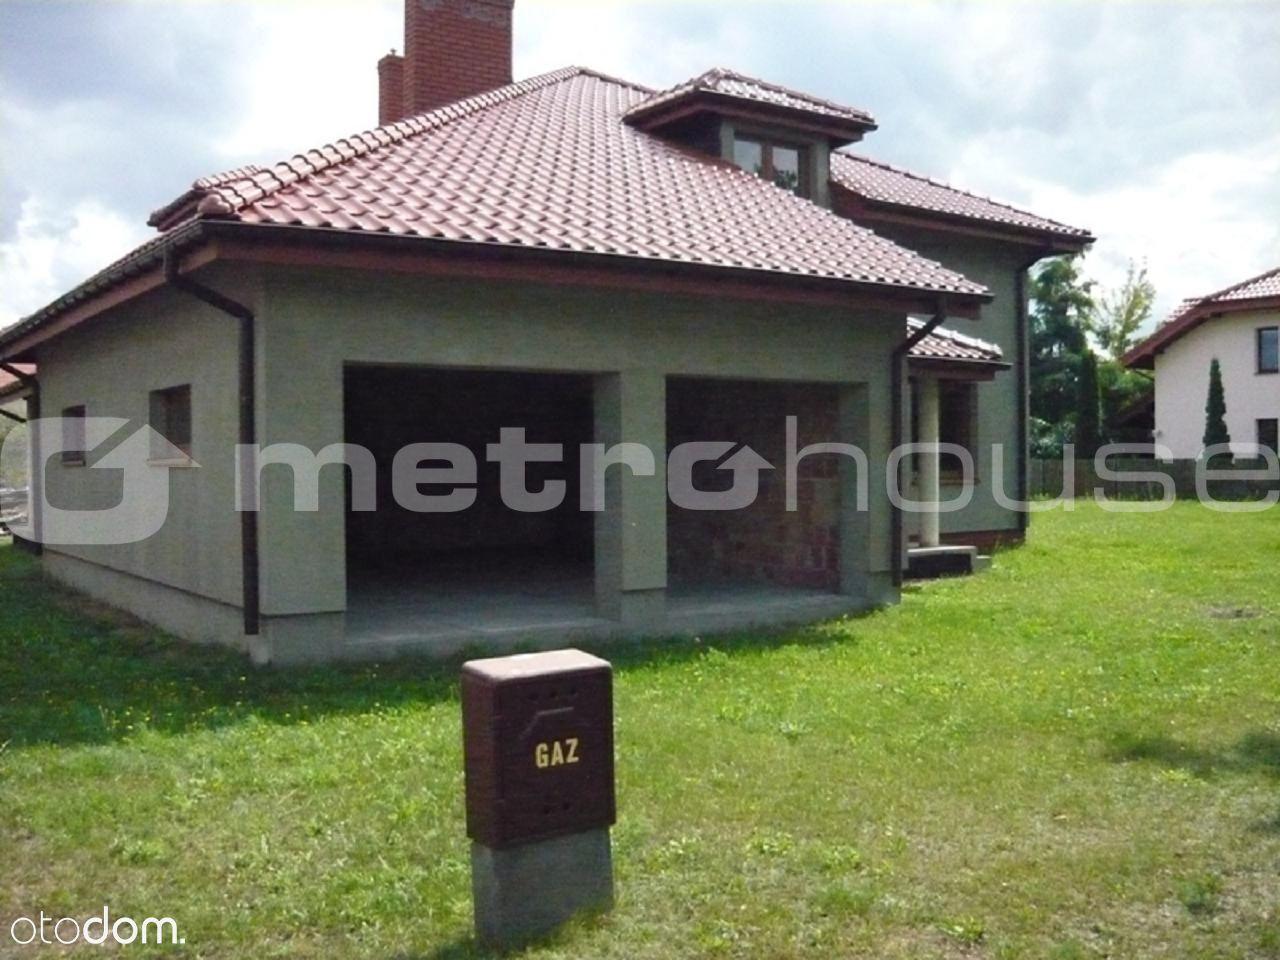 Dom na sprzedaż, Janów, warszawski zachodni, mazowieckie - Foto 1